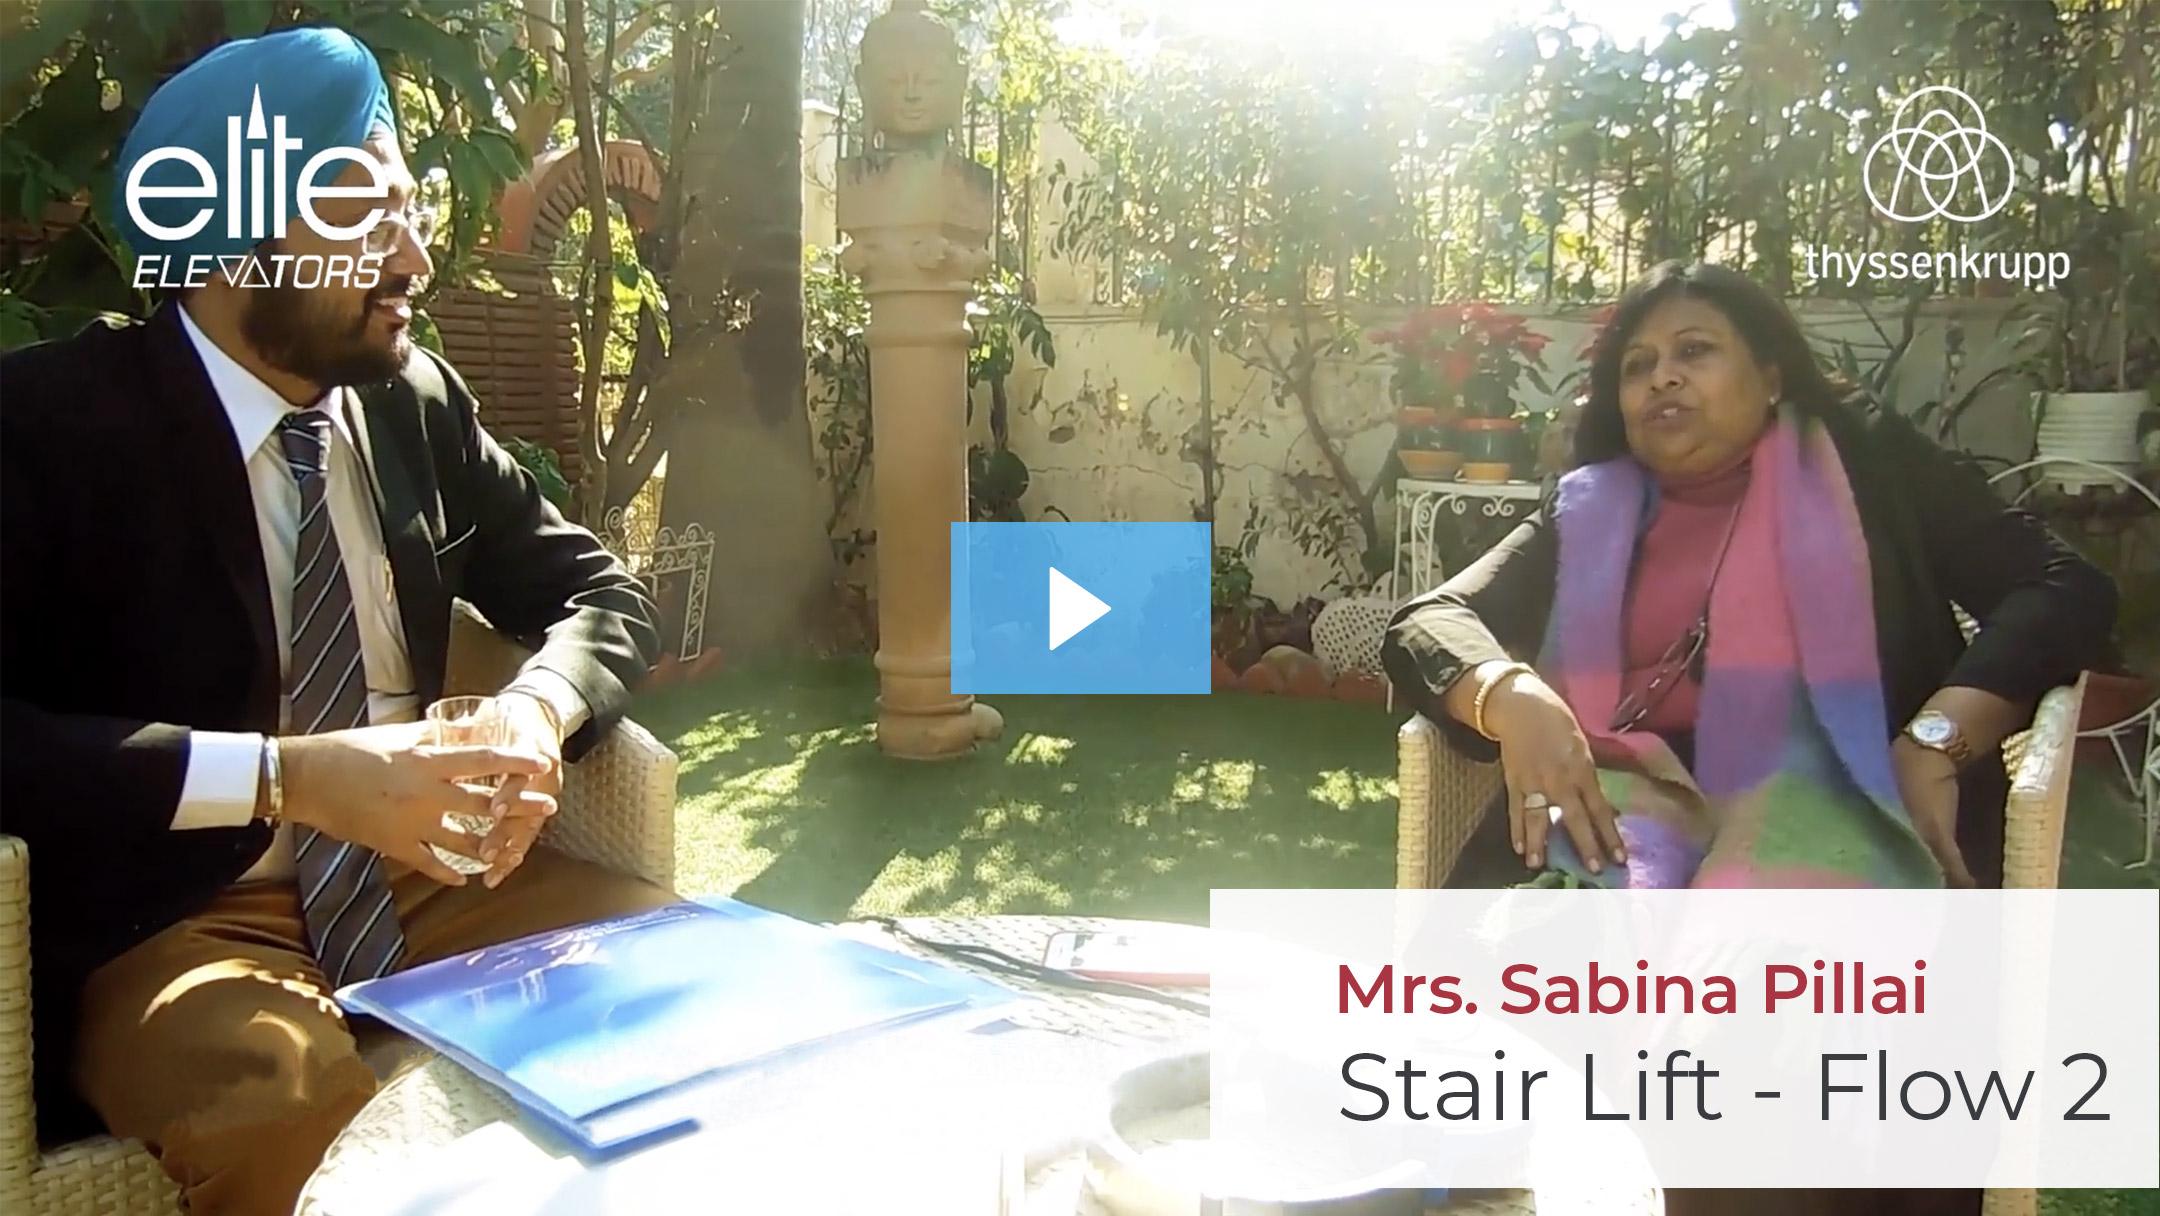 Mrs. Sabina Pillai Testimonails